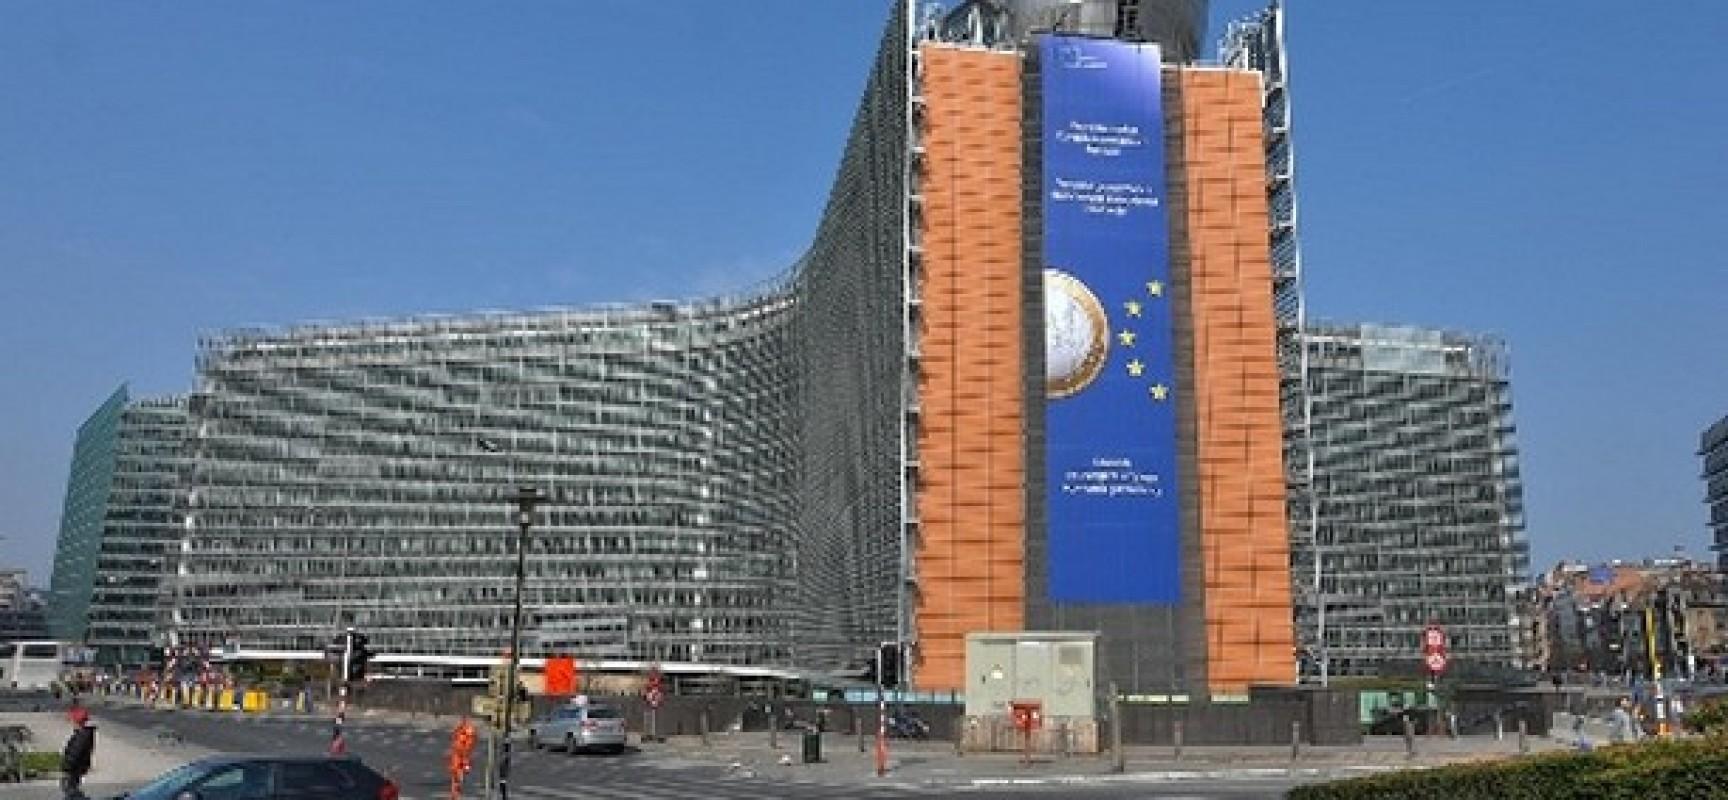 UE belgique-bruxelles-commission-europeenne-1-1728x800_c